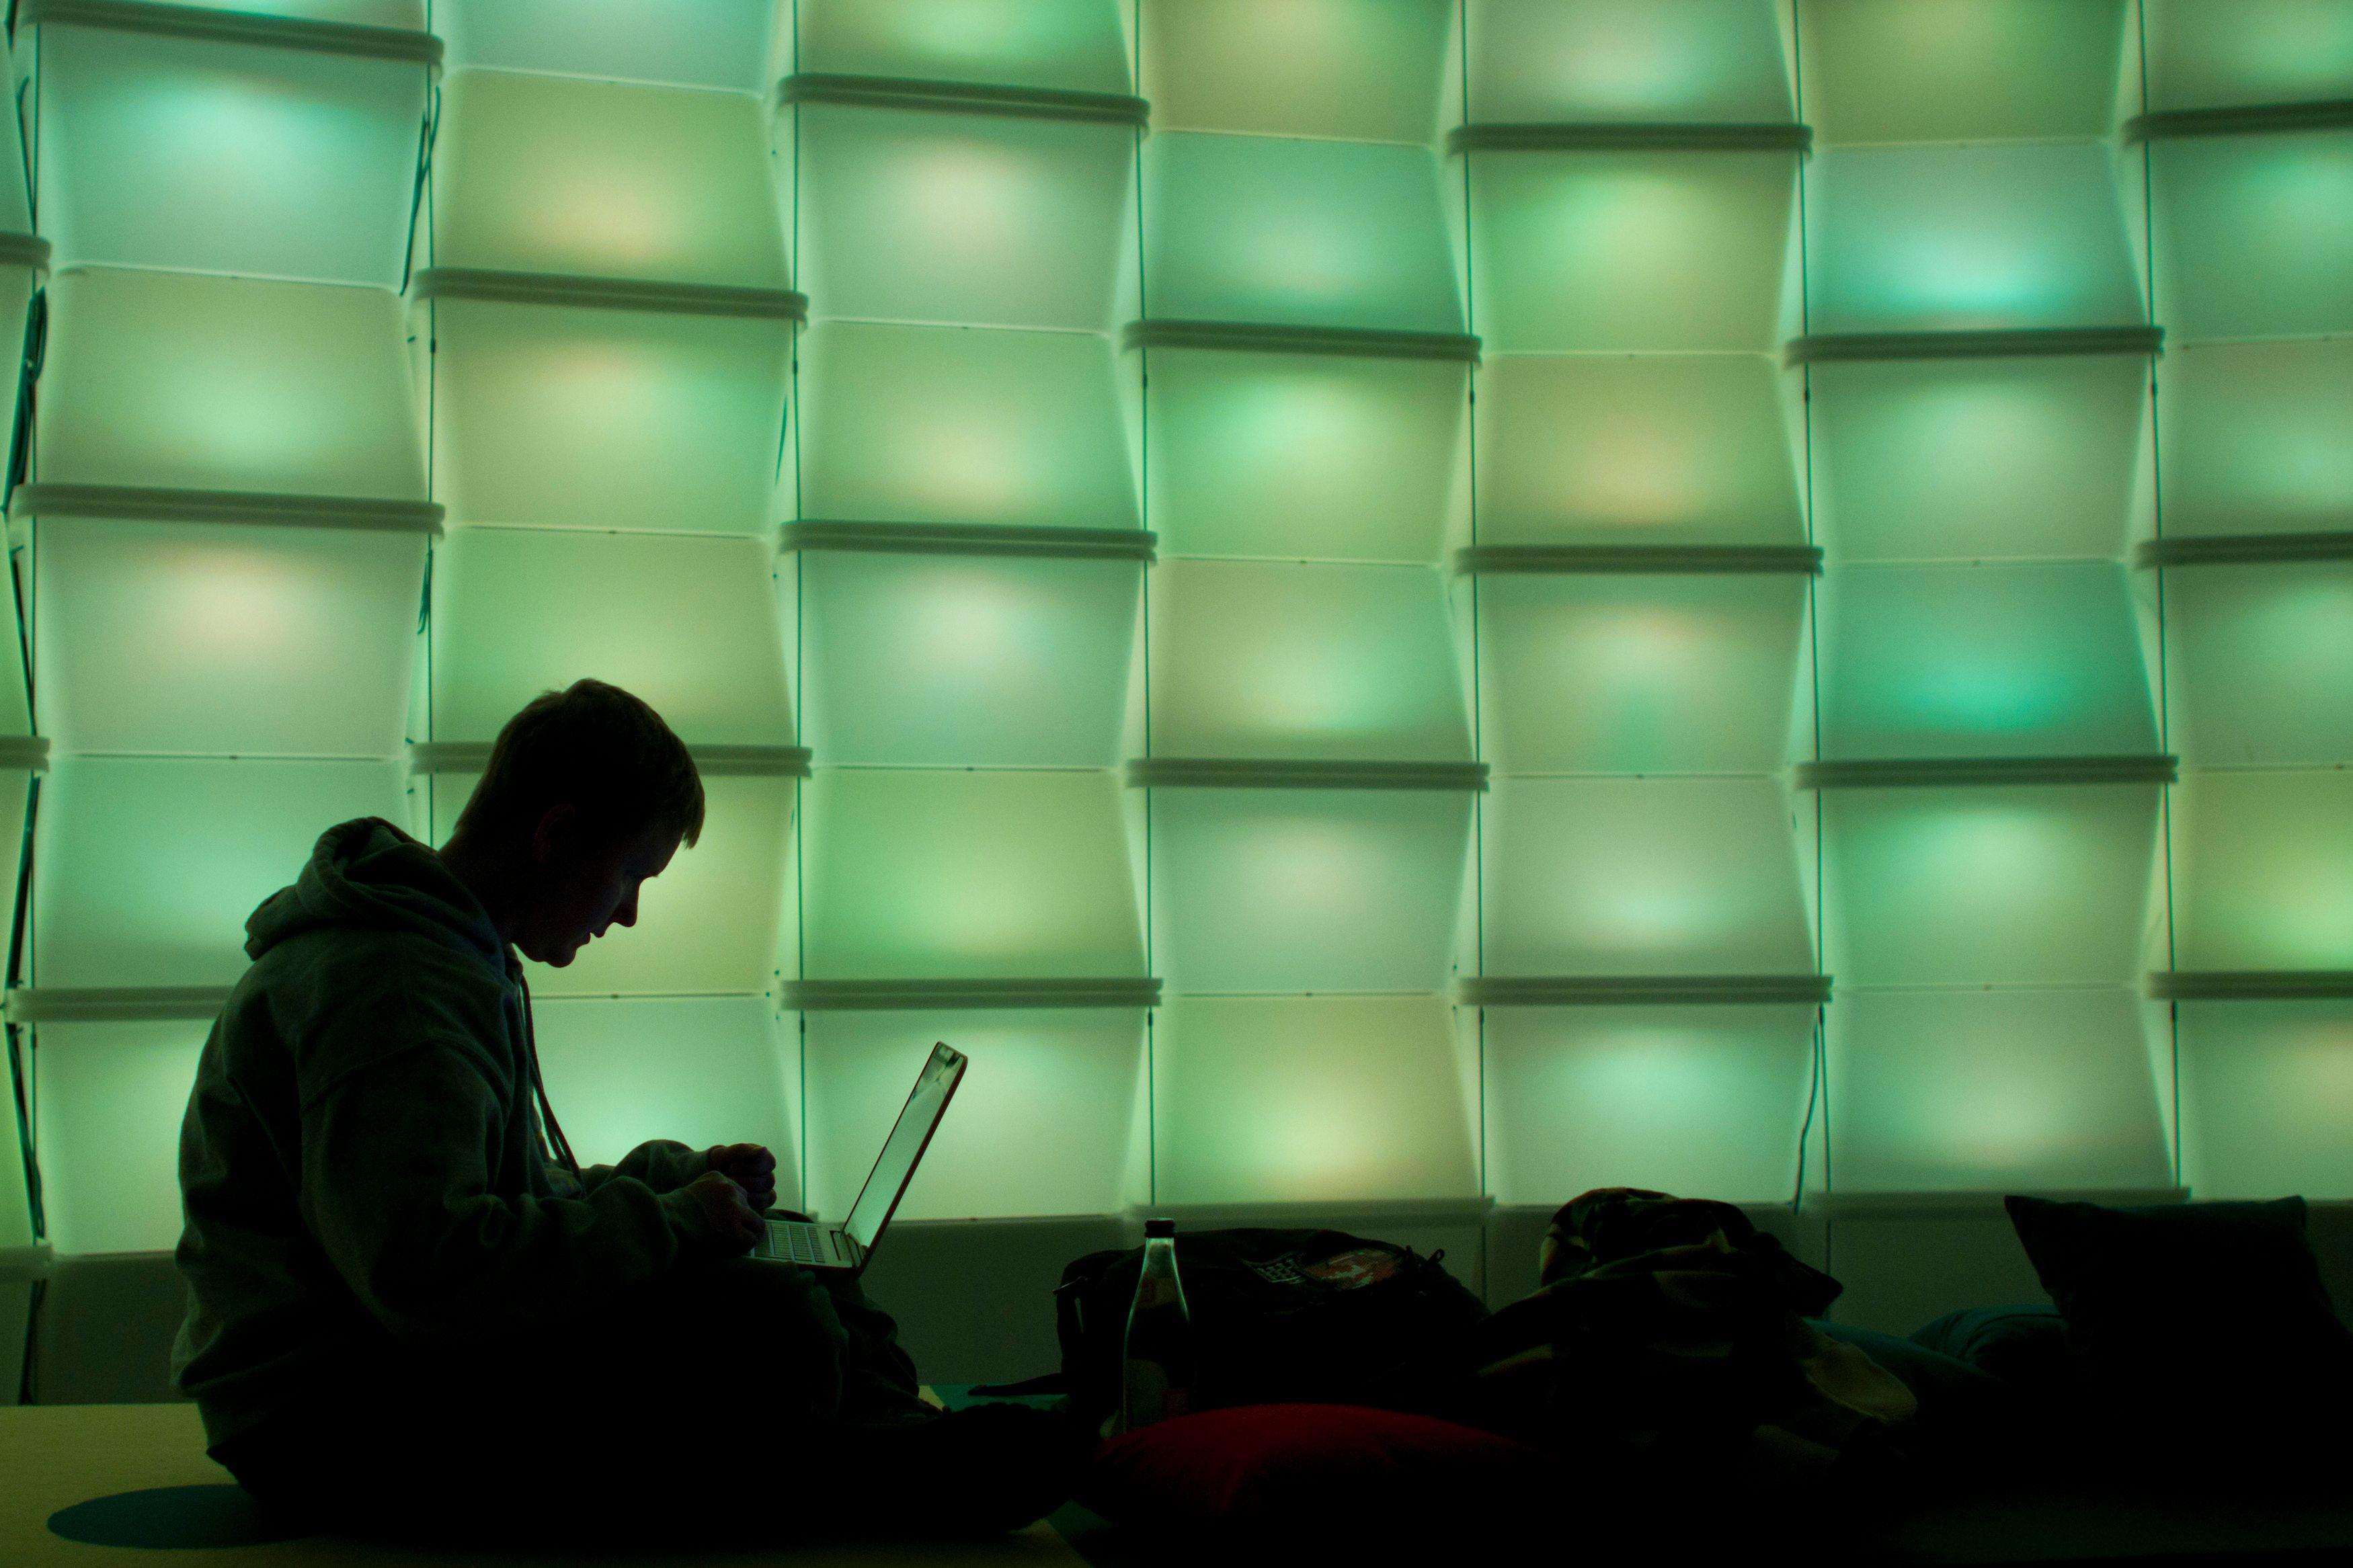 Les nouvelles possiblités techniques liées au numérique posent de nombreux défis pour sa régulation par les pouvoirs publics